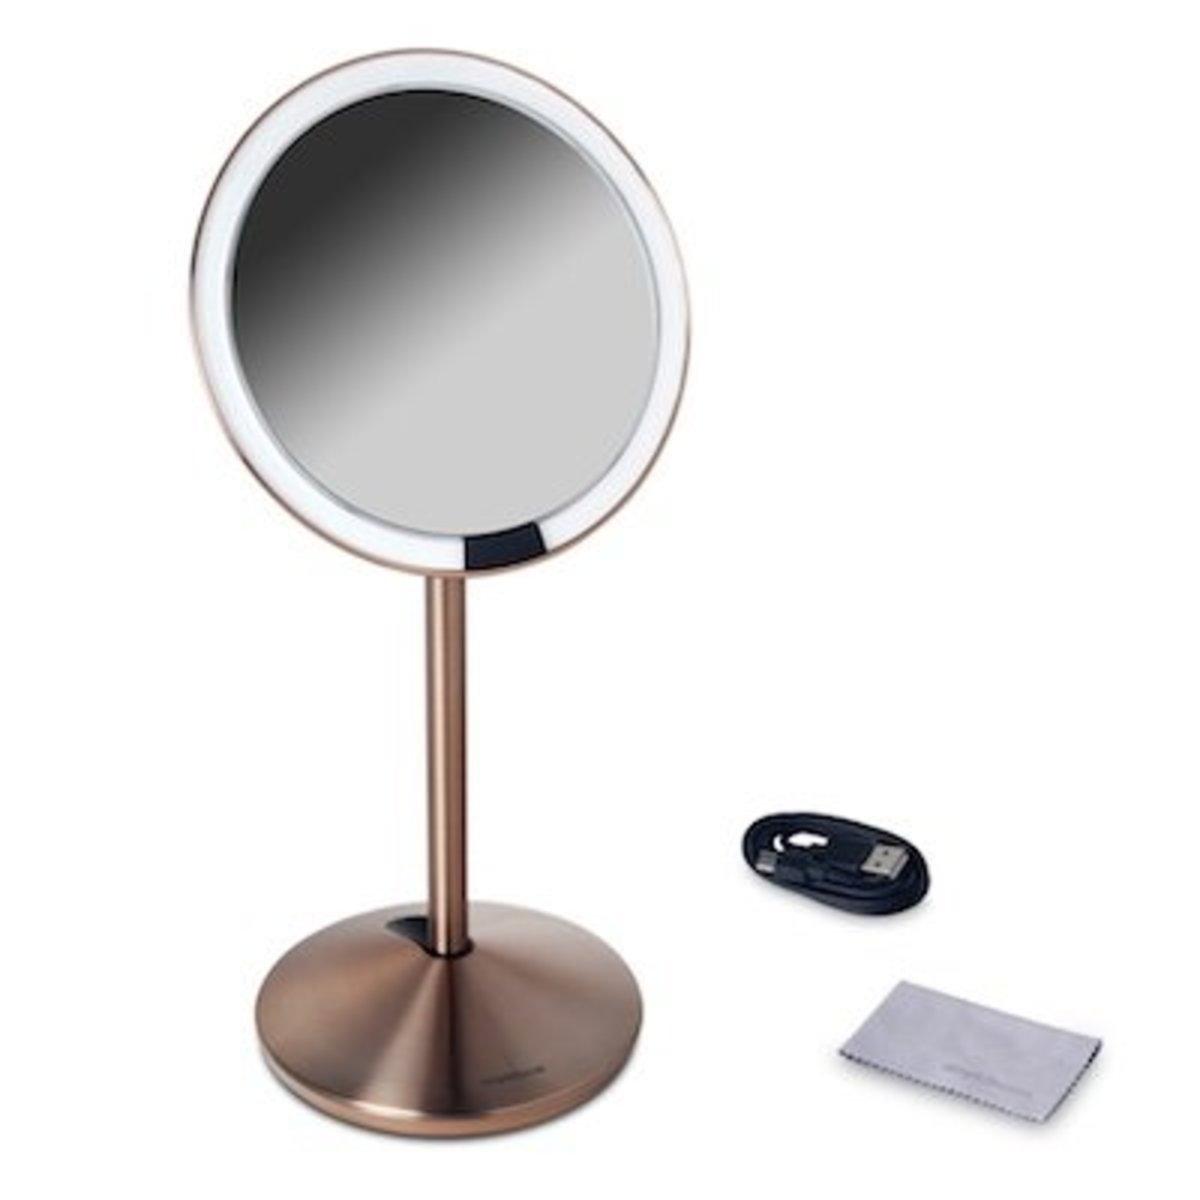 5吋自動感應座檯鏡   玫瑰金色【香港行貨】